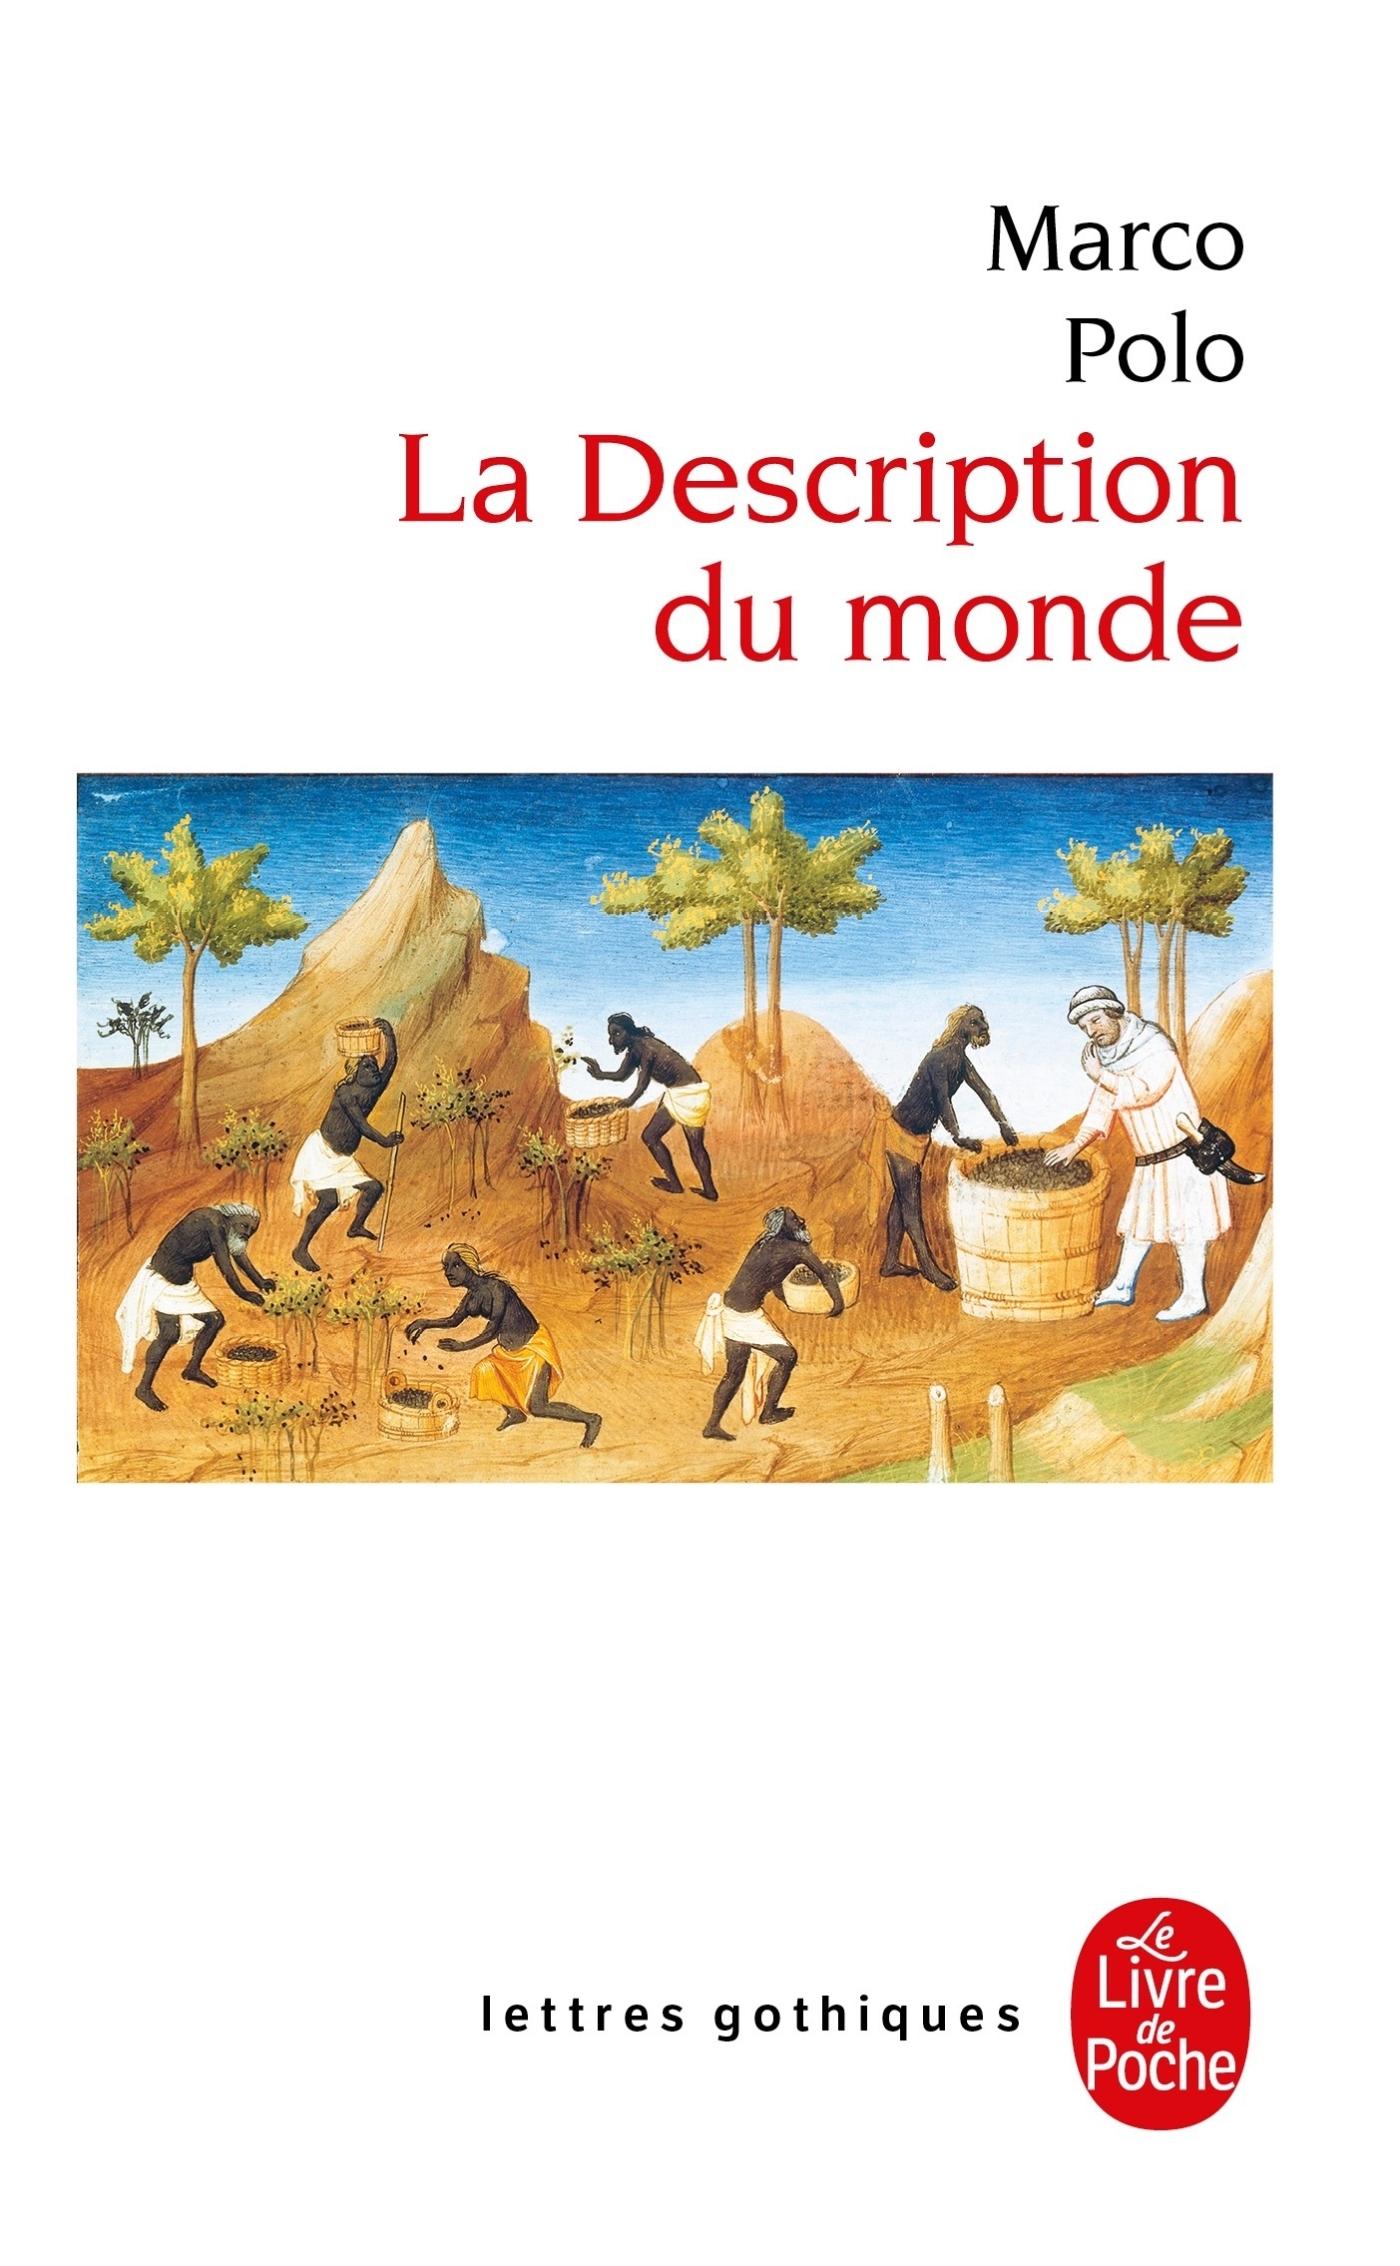 LA DESCRIPTION DU MONDE